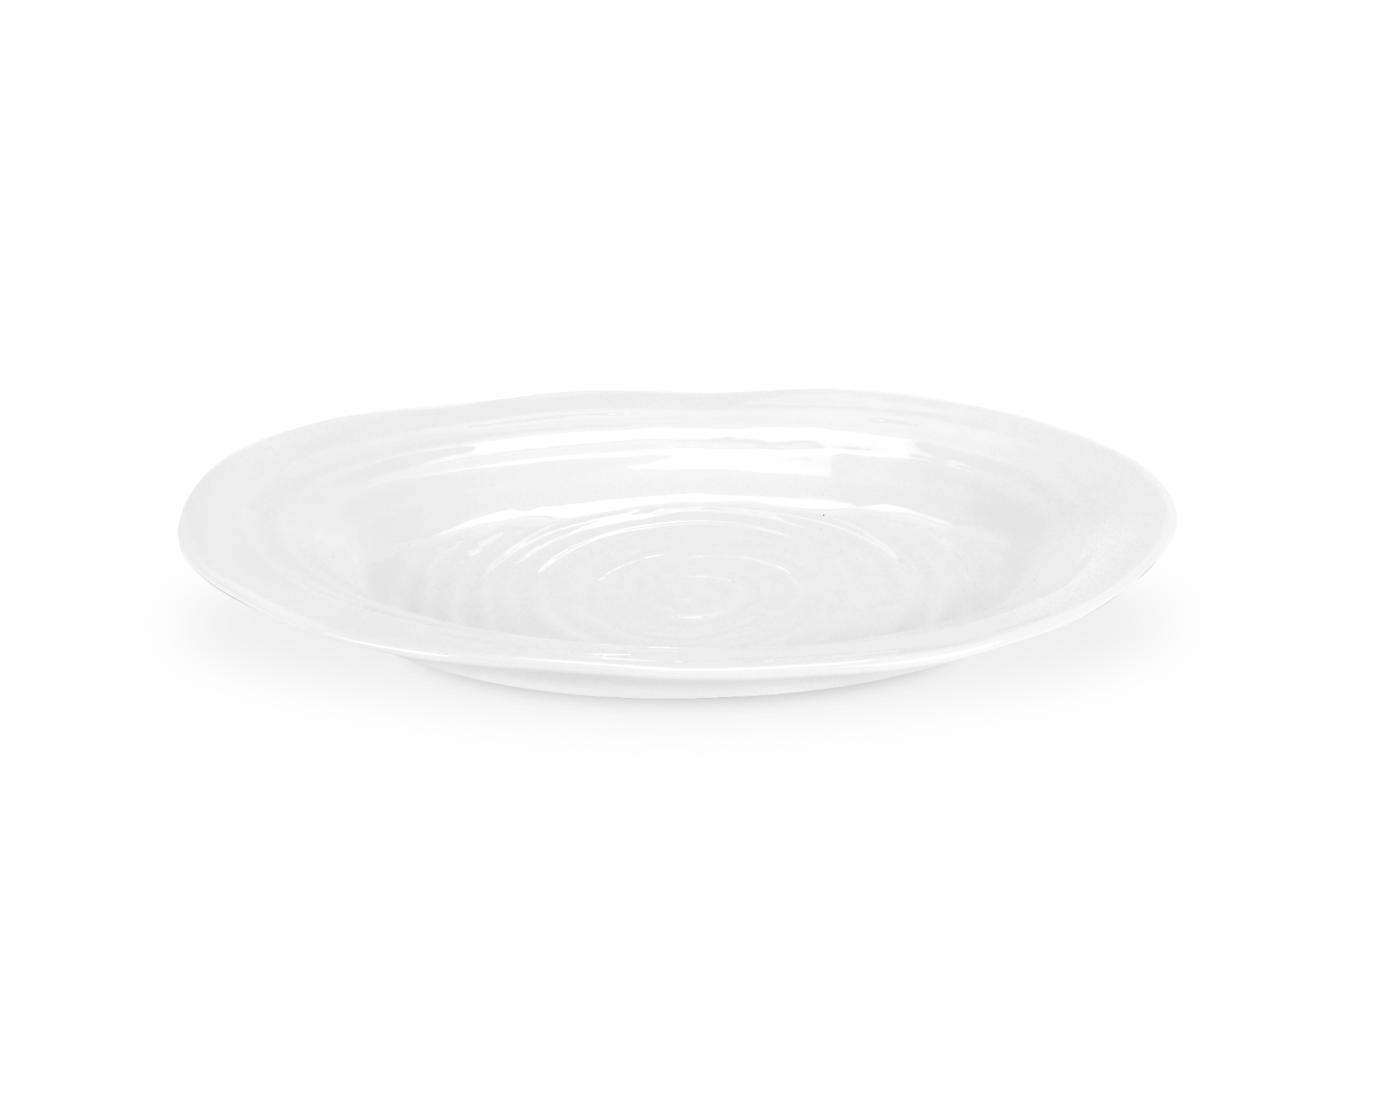 포트메리온 '소피 콘란' 스몰 오발 접시 Portmeirion Sophie Conran  White Small Oval Platter